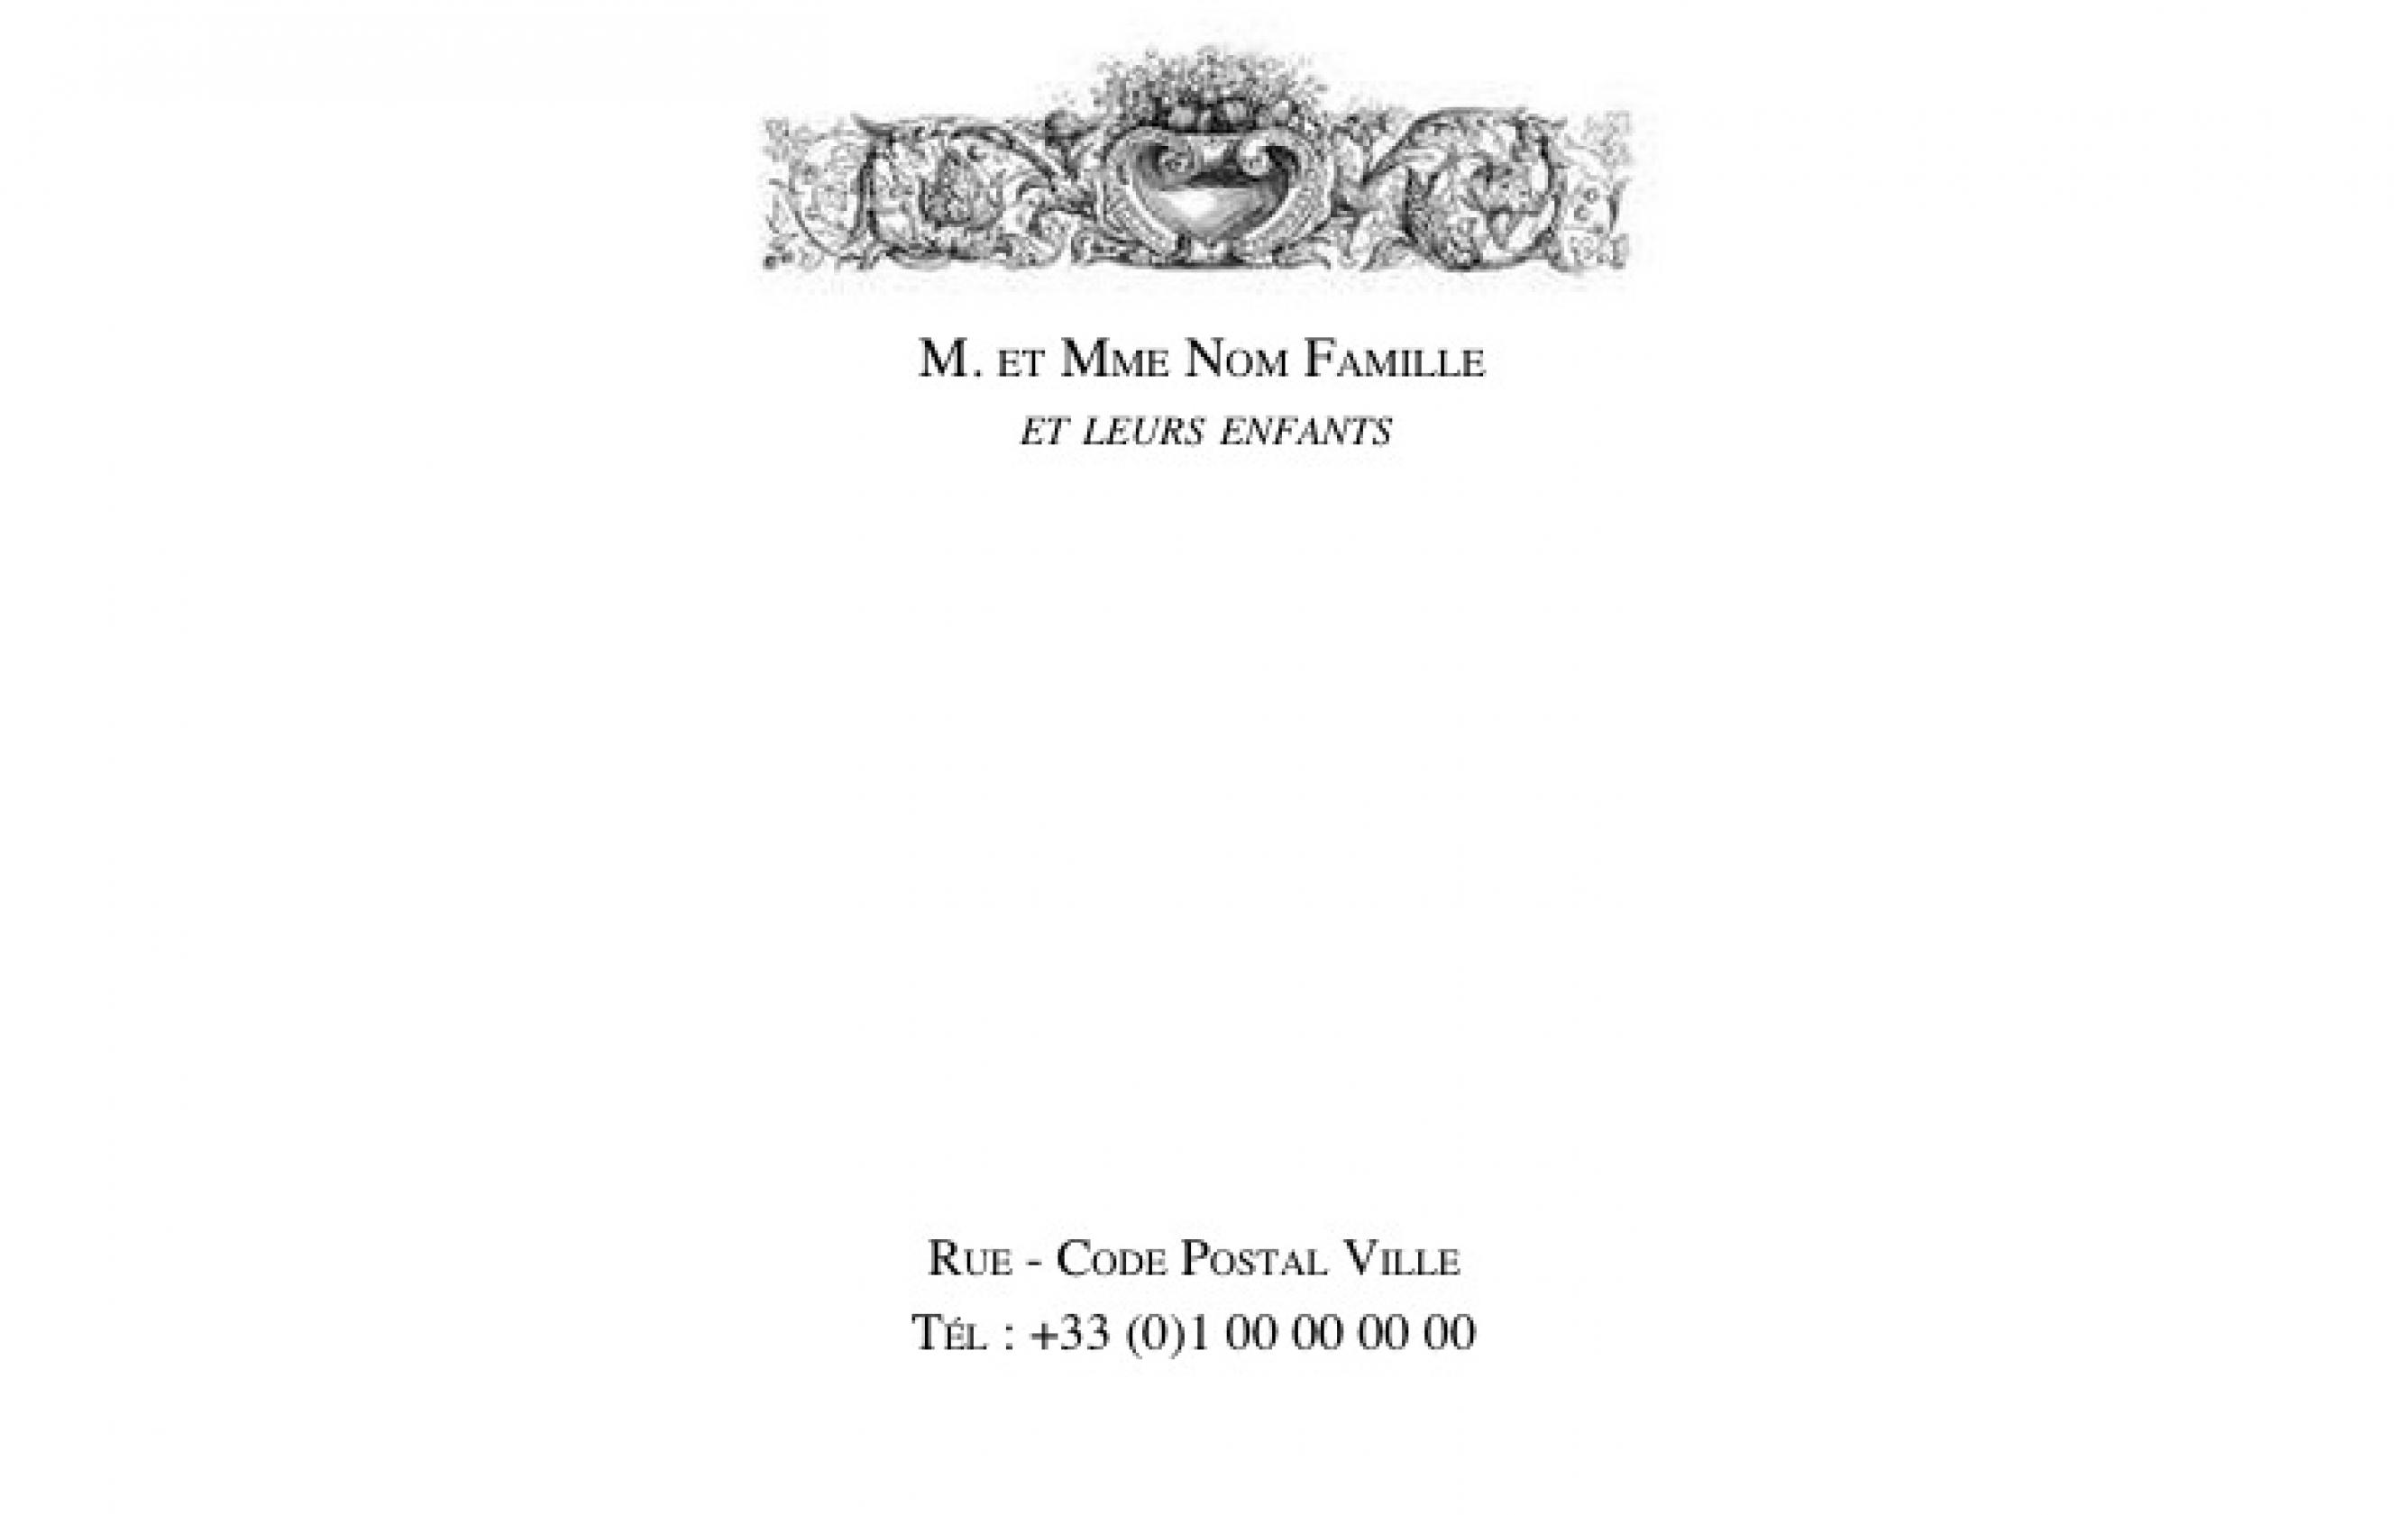 BModele Gratuit Carte De Visite 128x82 A Personnaliser B Familiale Exemple Grand Format Avec Ornement En